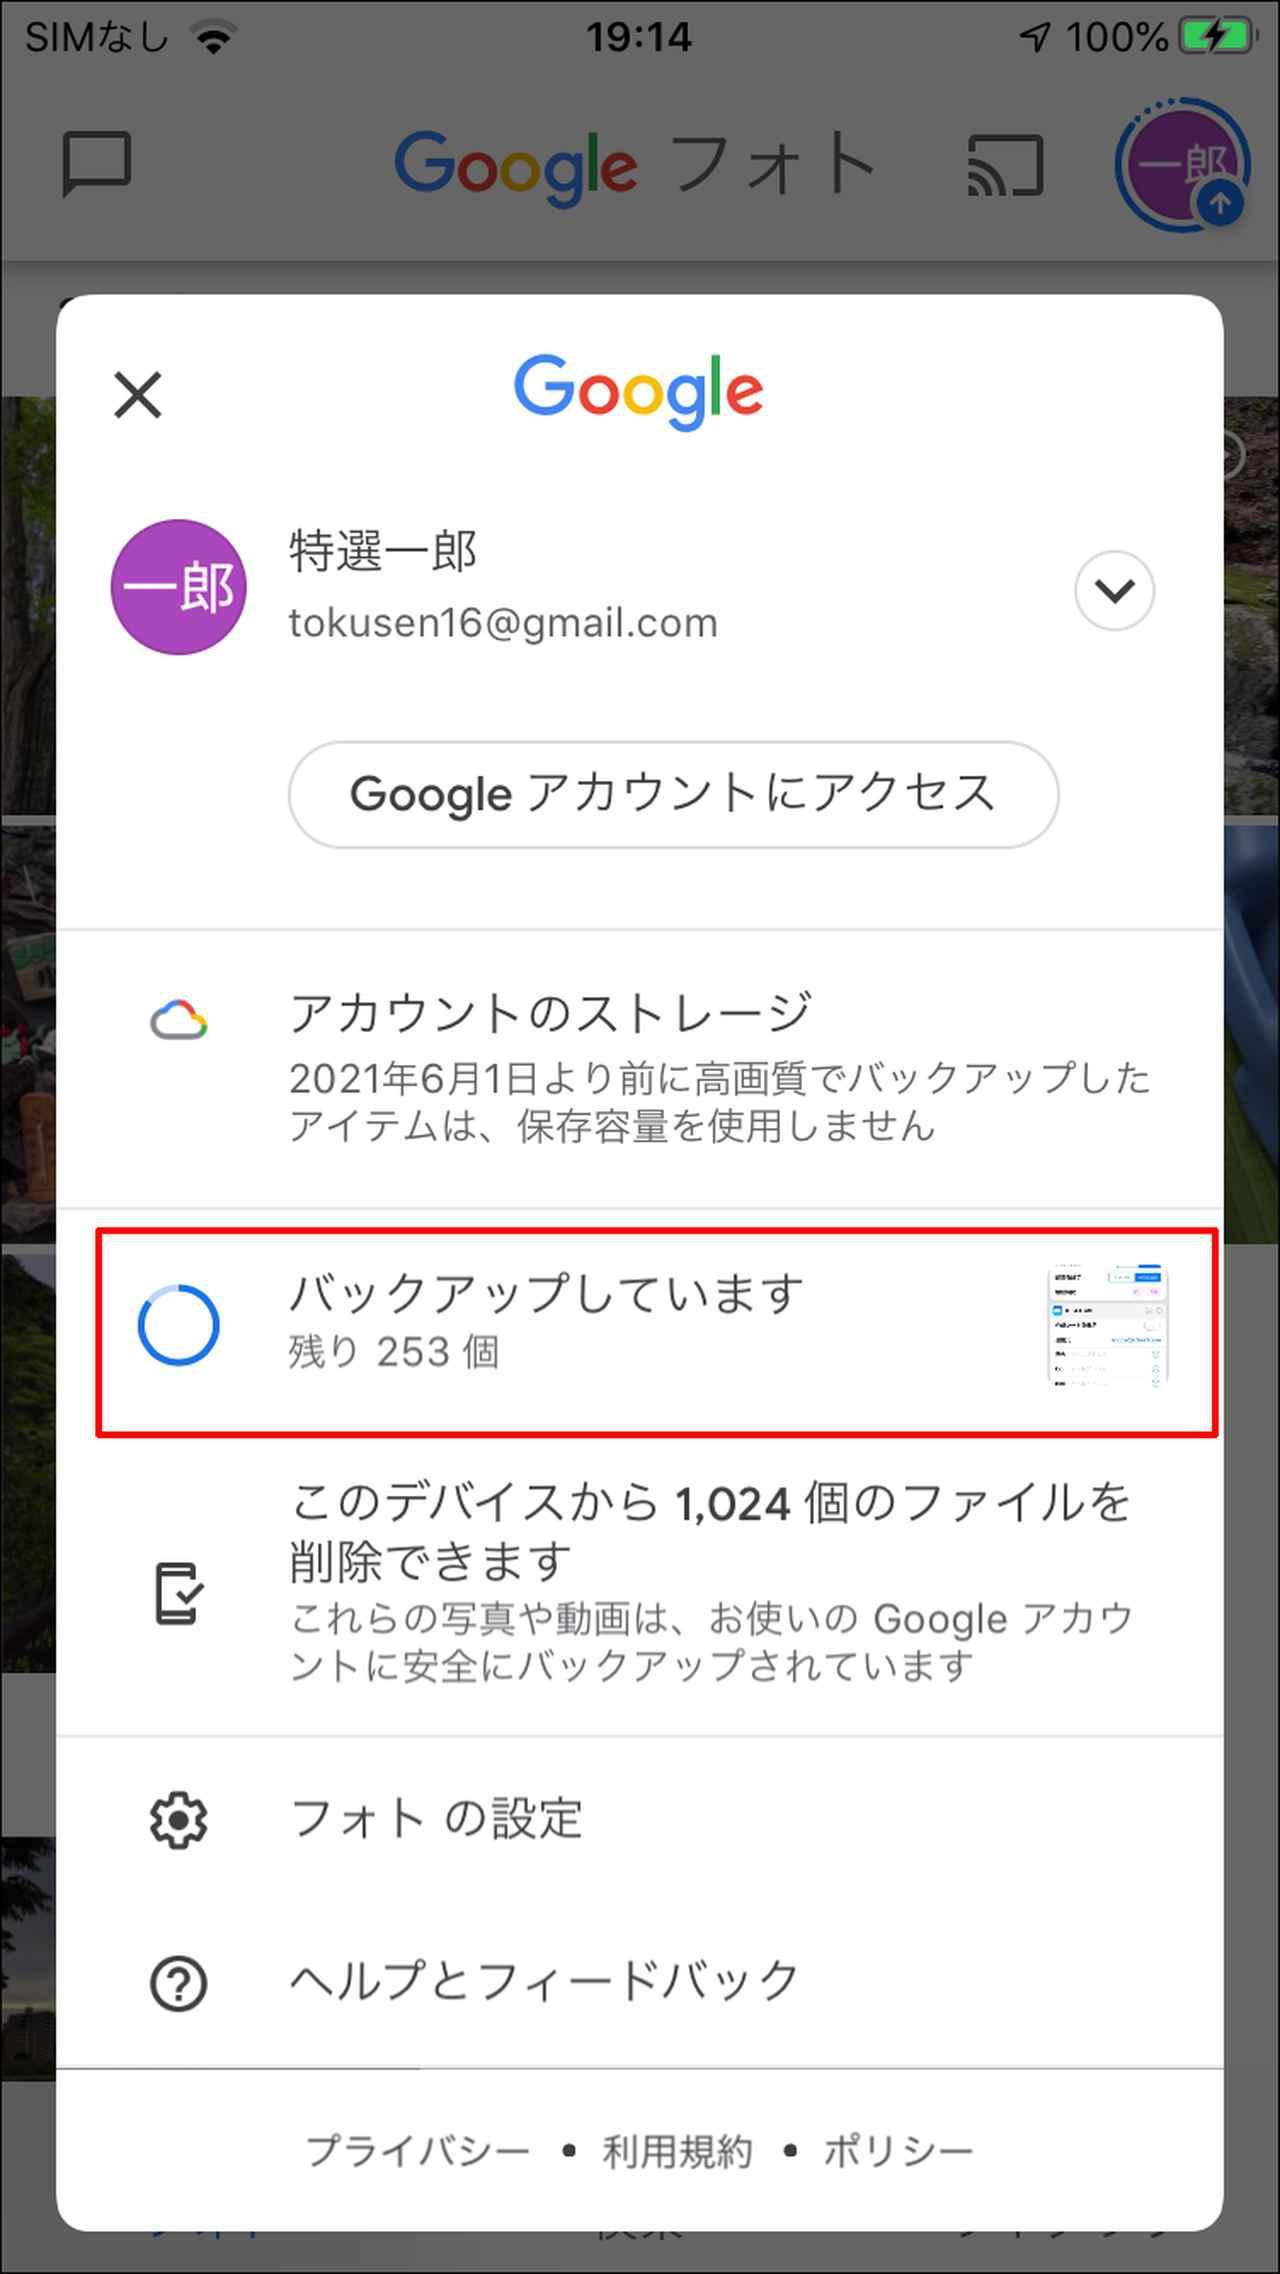 画像3: 【Googleフォト】有料化後にとるべき3つの選択肢とは?2021年5月末で無料の高画質・容量無制限バックアップが廃止